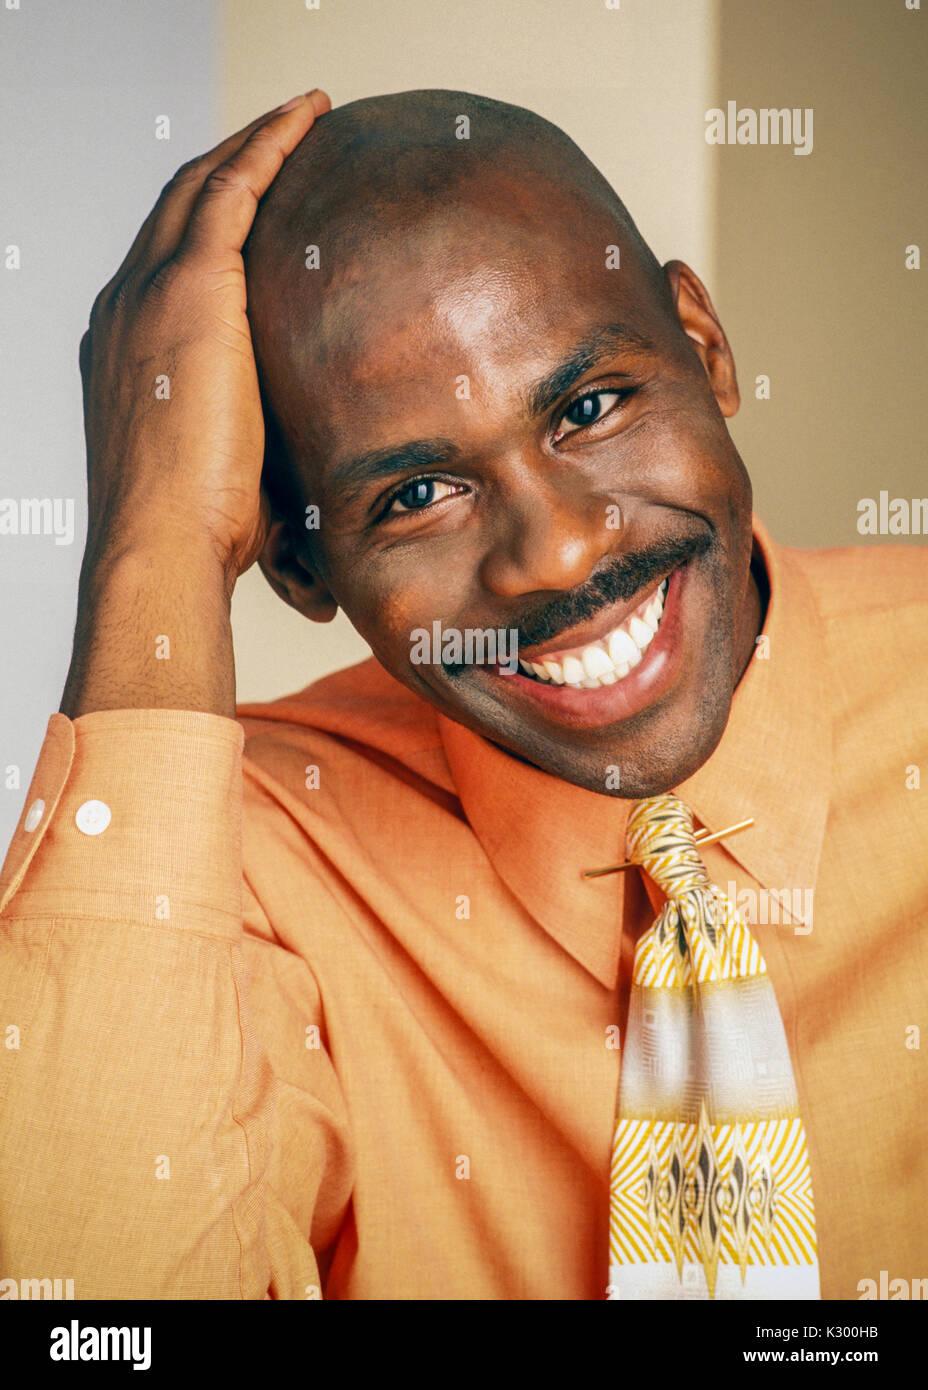 Retrato de una pronta 30's hombre afroamericano sonriendo. Imagen De Stock